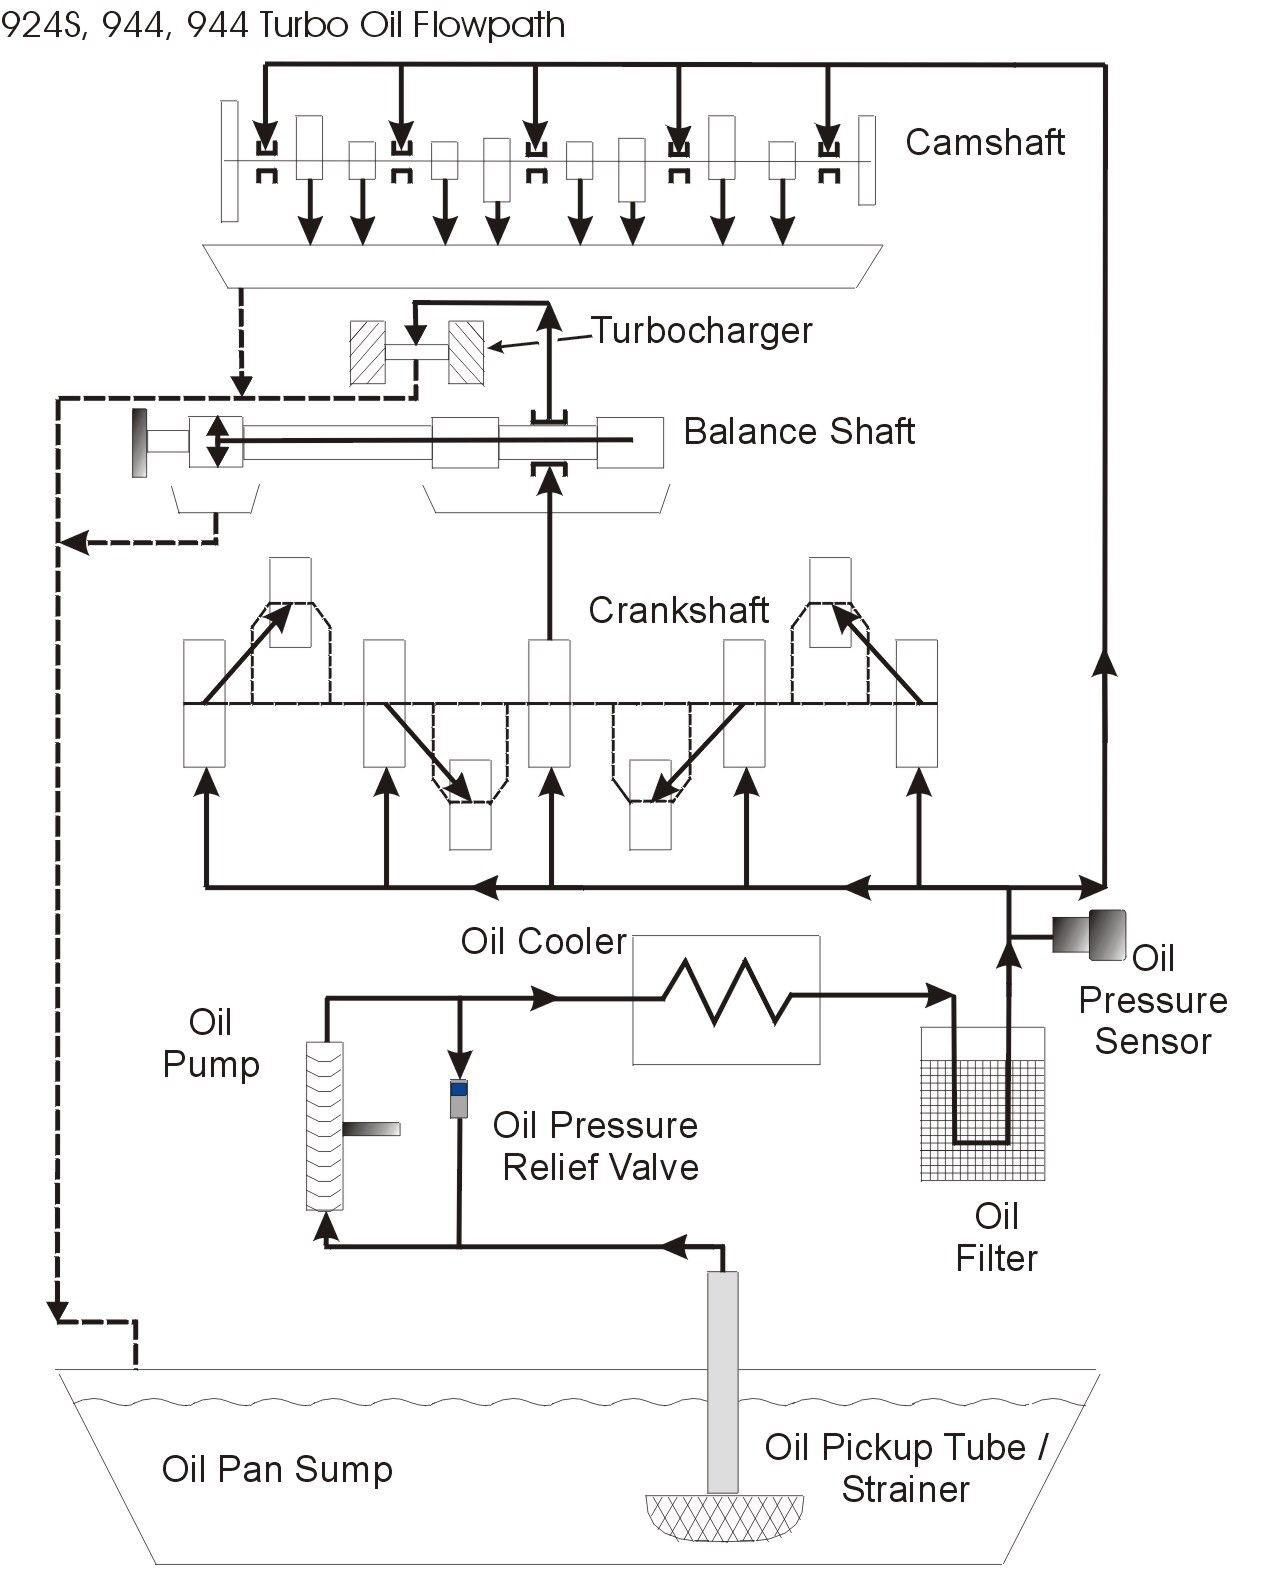 Car Engine Oil Flow Diagram Porsche 944 Engine Oil Flow Porsche Transaxles Pinterest Of Car Engine Oil Flow Diagram